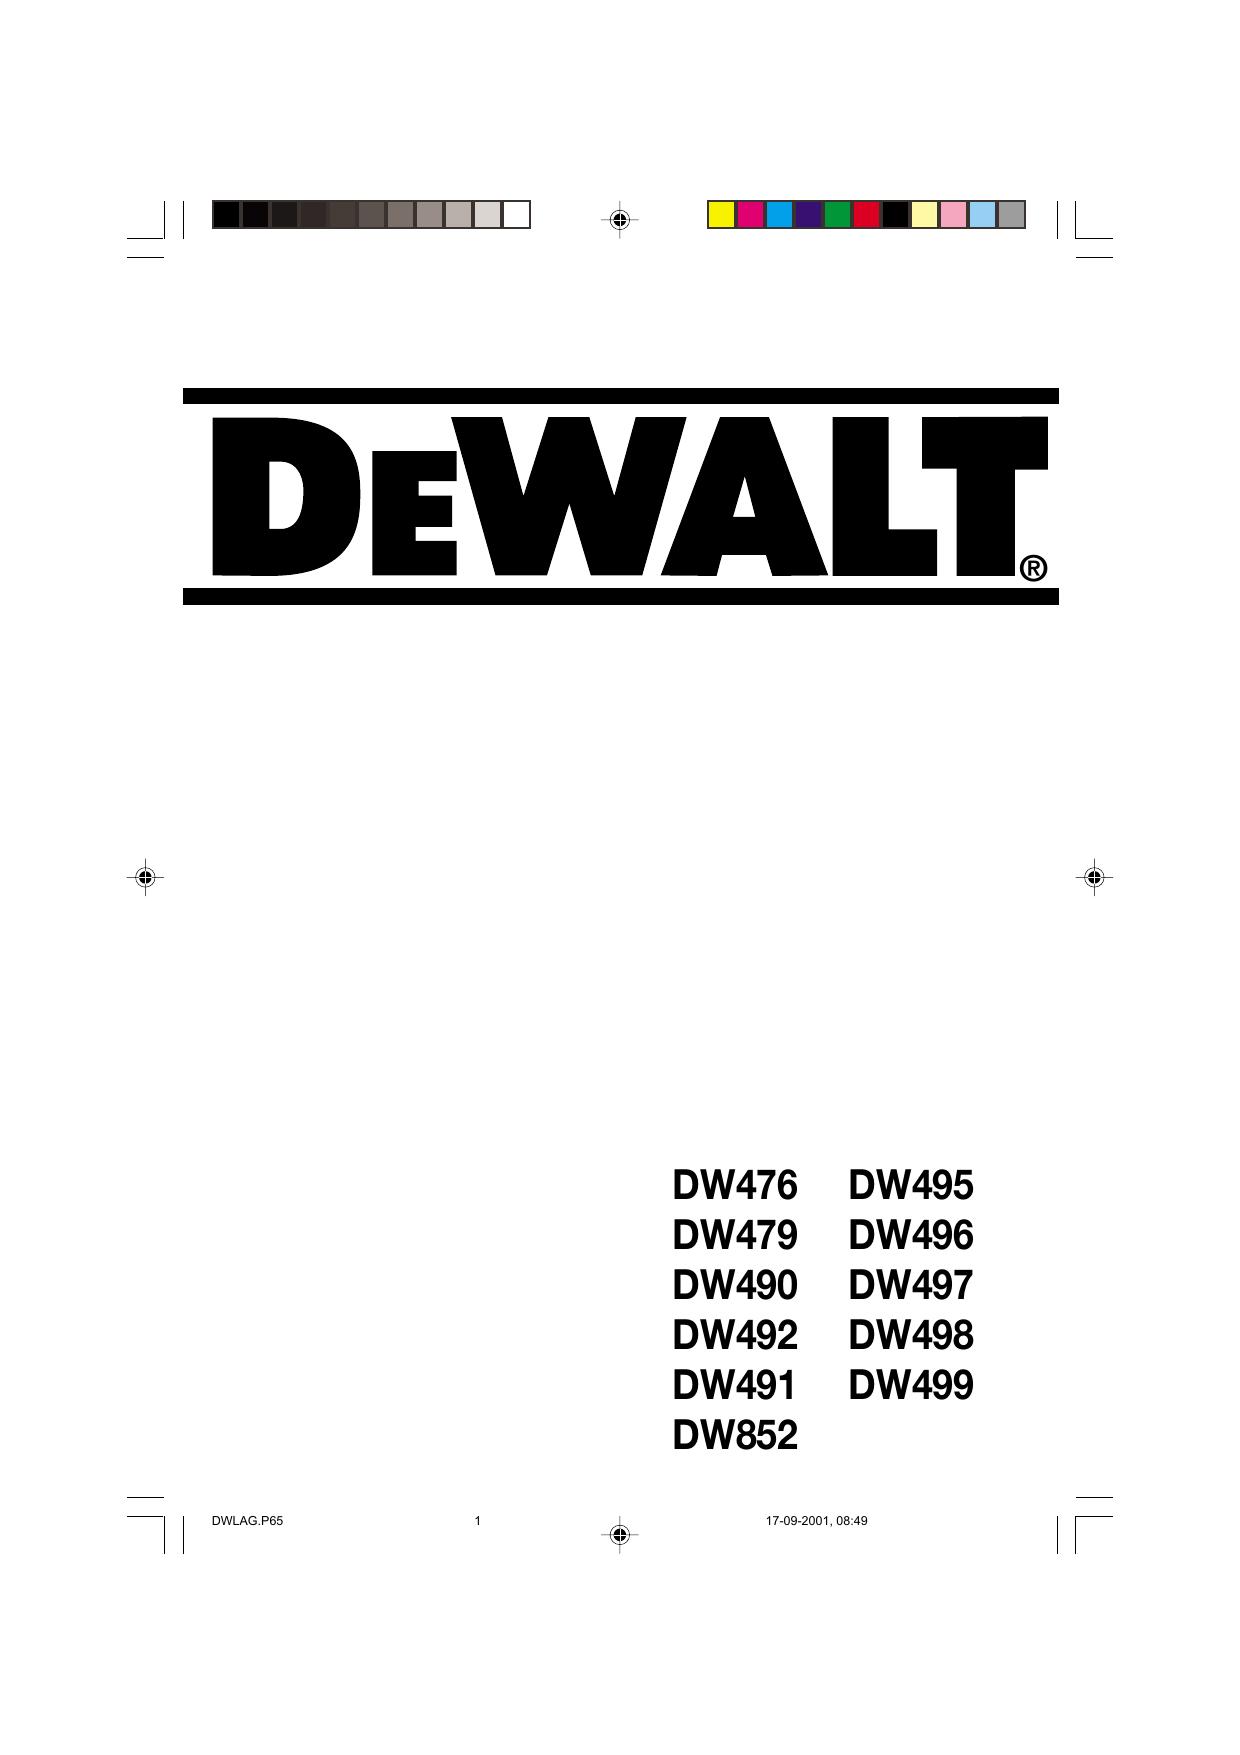 DeWalt DW496 ANGLE GRINDER Type 2 instruction manual